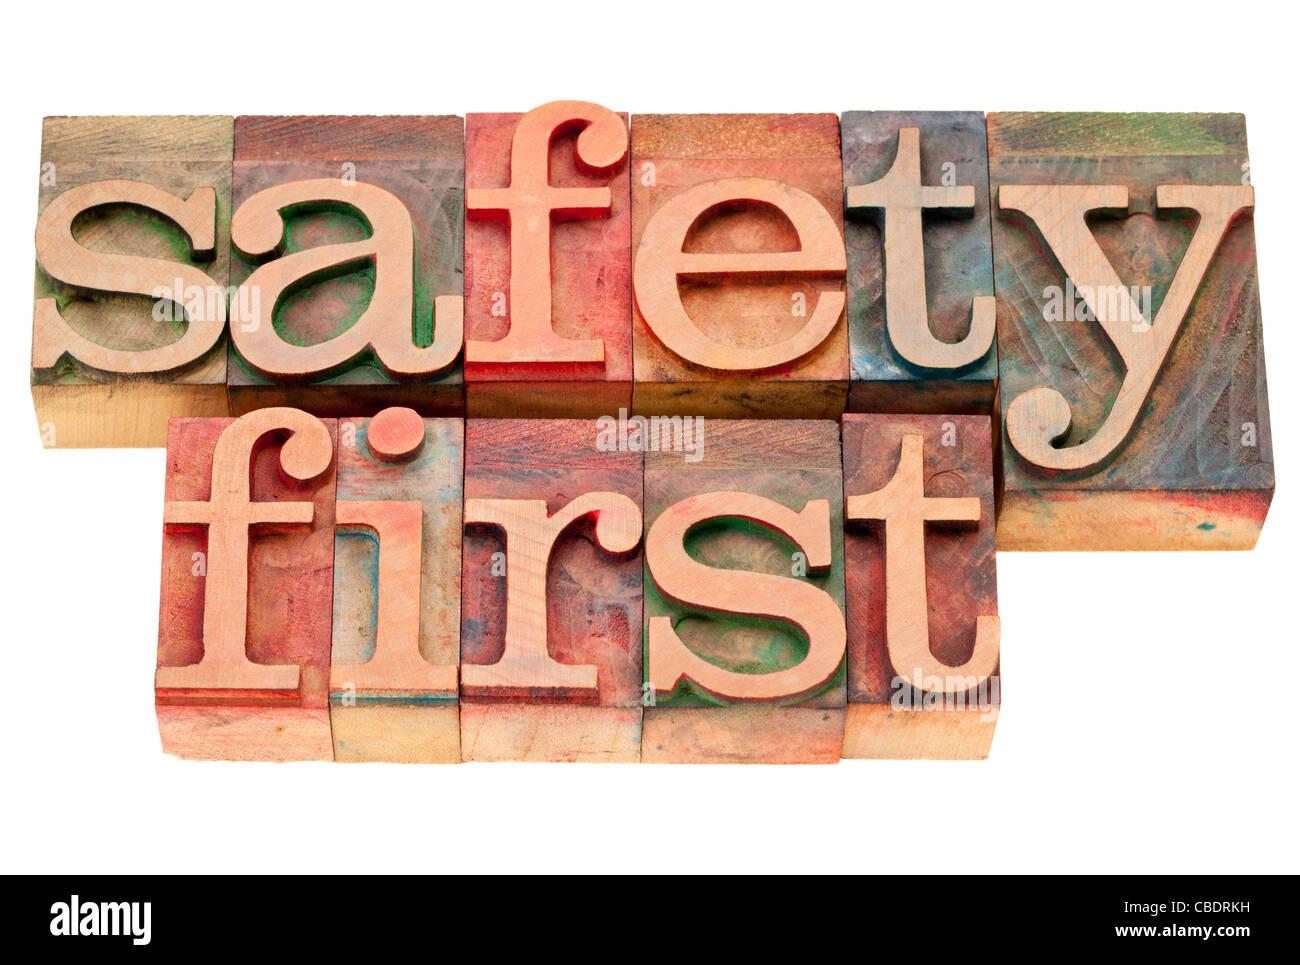 La sicurezza prima di tutto - frase isolato in legno vintage tipografia blocchi Immagini Stock